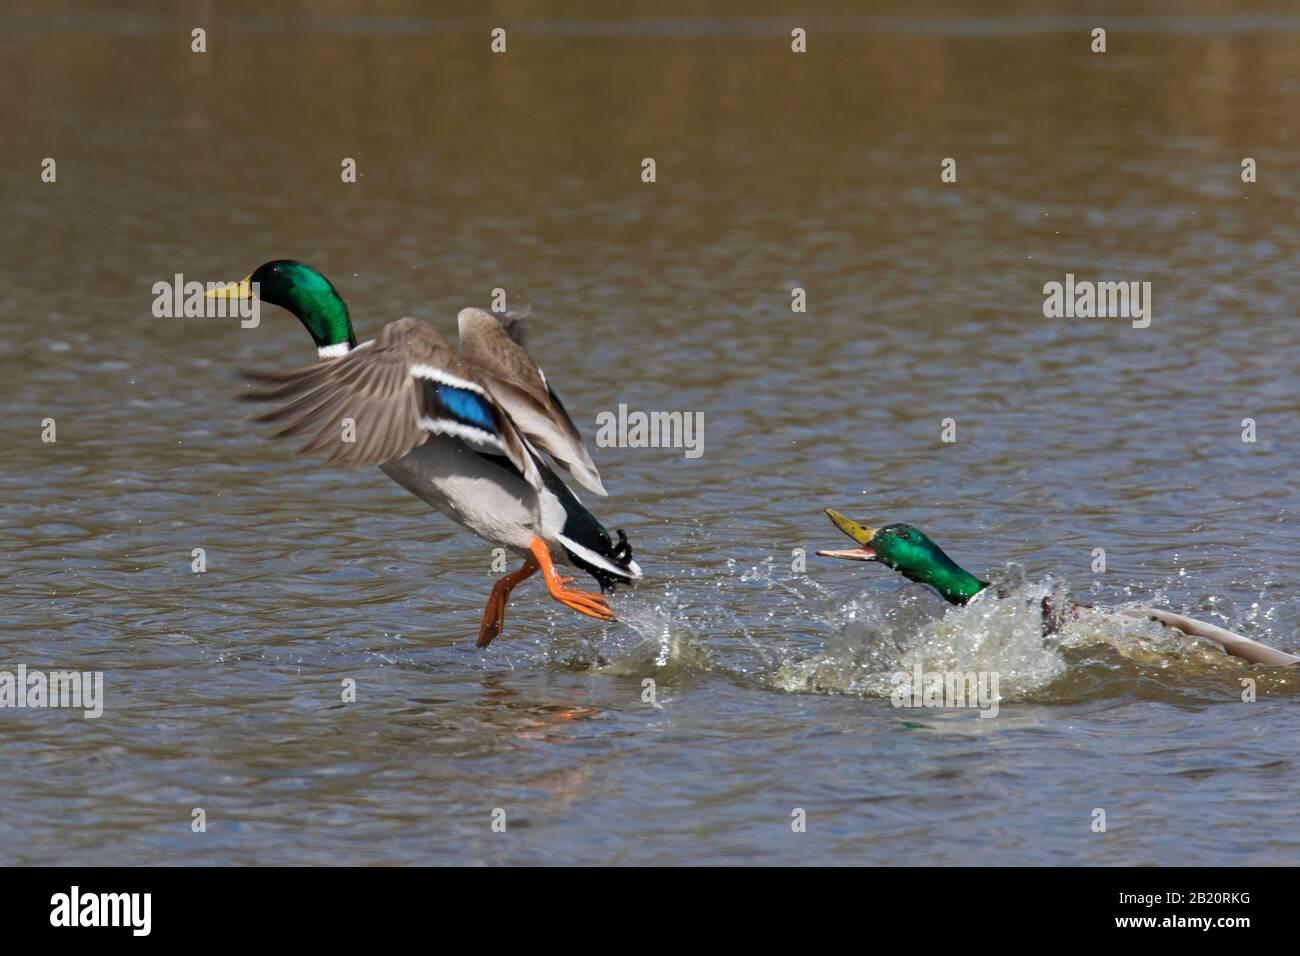 Malard masculin territorial (Anas platyrhynchos) chassant le concurrent drake de l'étang pendant la saison de reproduction au printemps Banque D'Images